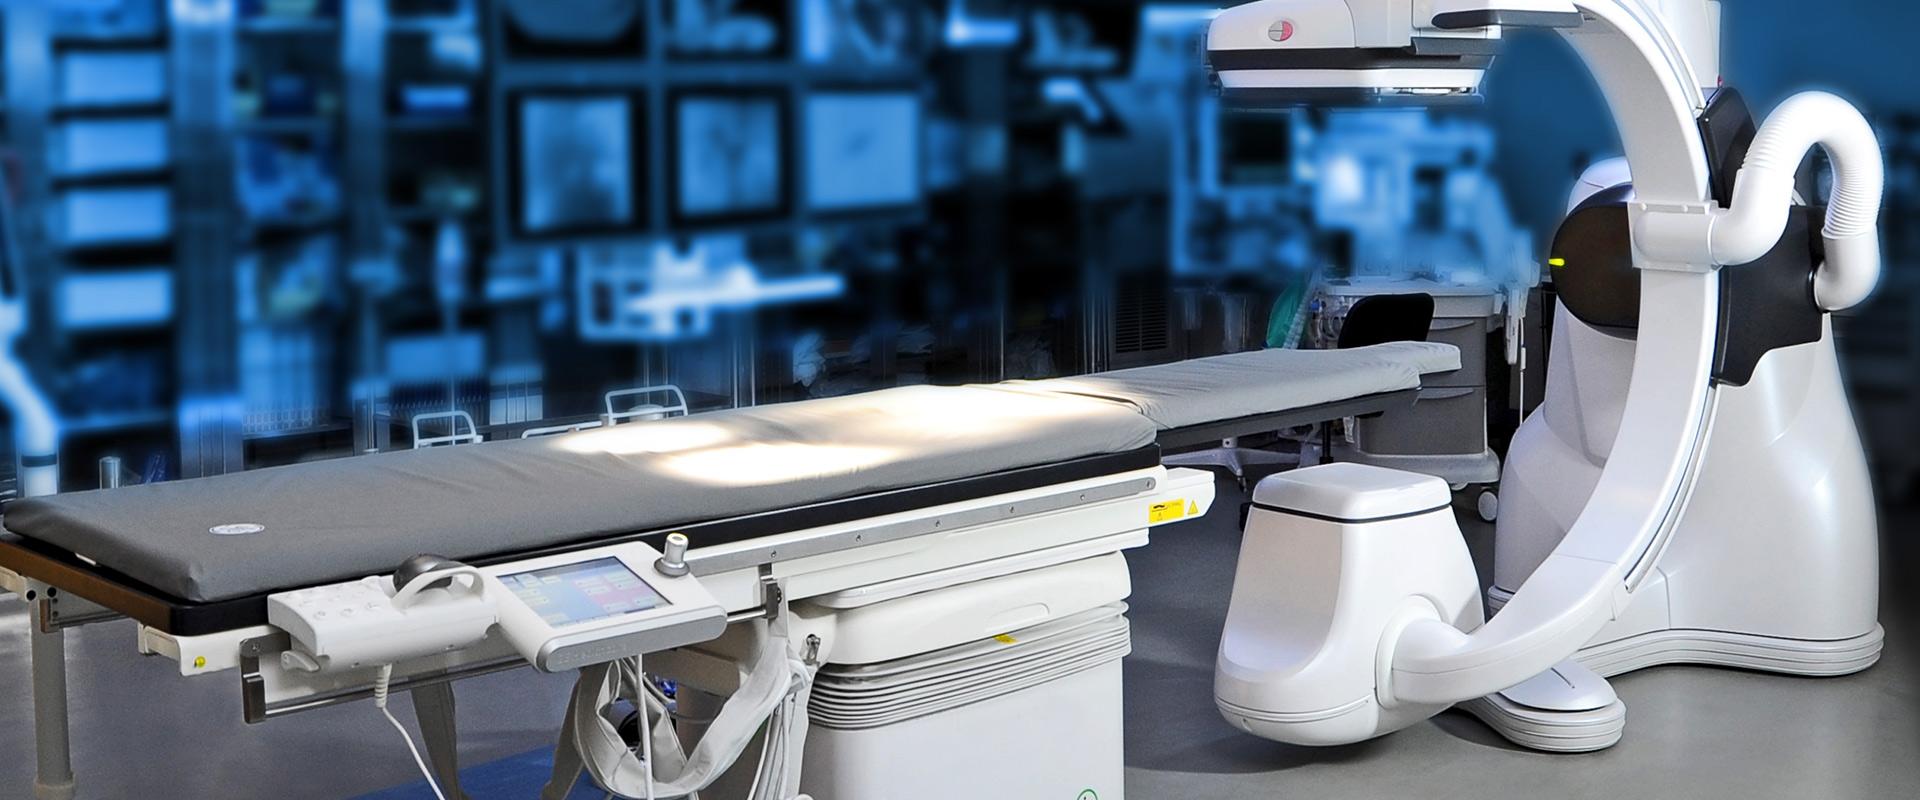 Meridies : Votre expert en plasturgie à destination des dispositifs médicaux